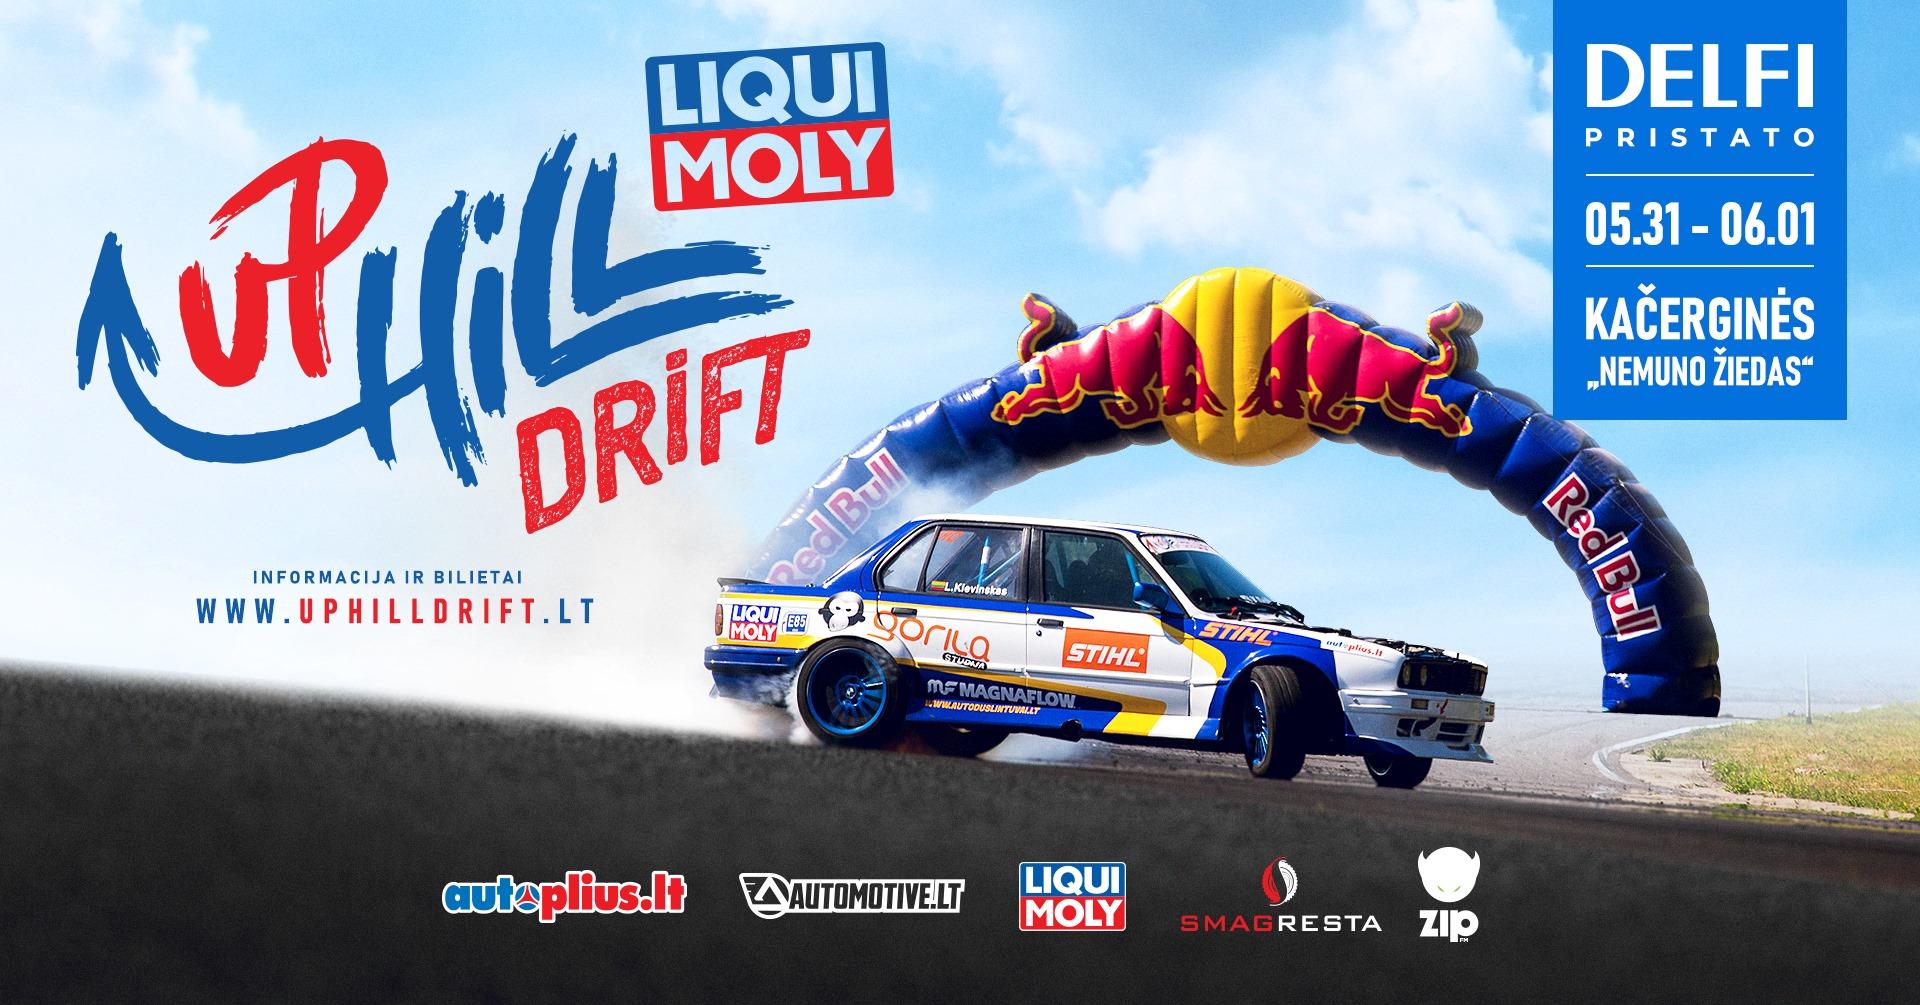 """Liqui Moly UpHill Drift 05.31-06.01 Kačerginės """"Nemuno žiedas"""""""